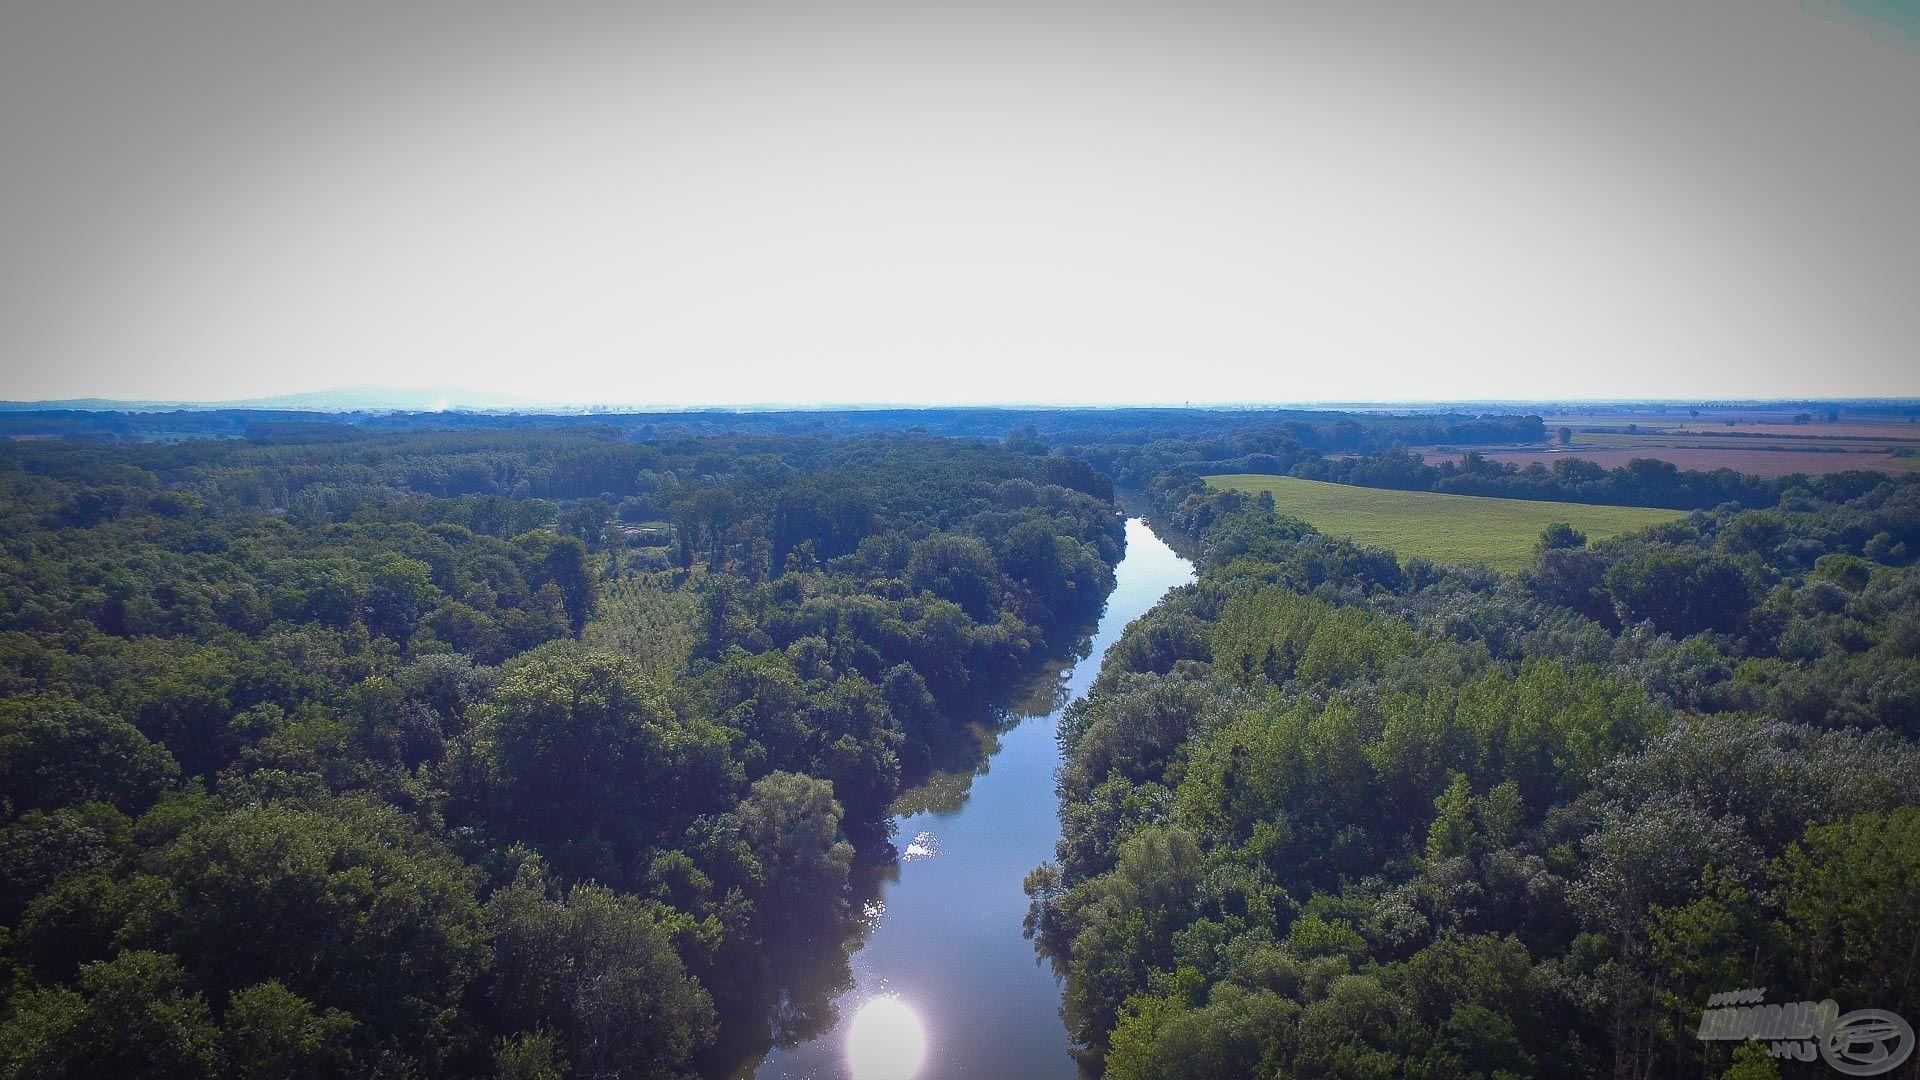 Az egyik kedvenc folyóm a Bodrog, ami a szememben egy rövid, keskeny, meghorgászható víz